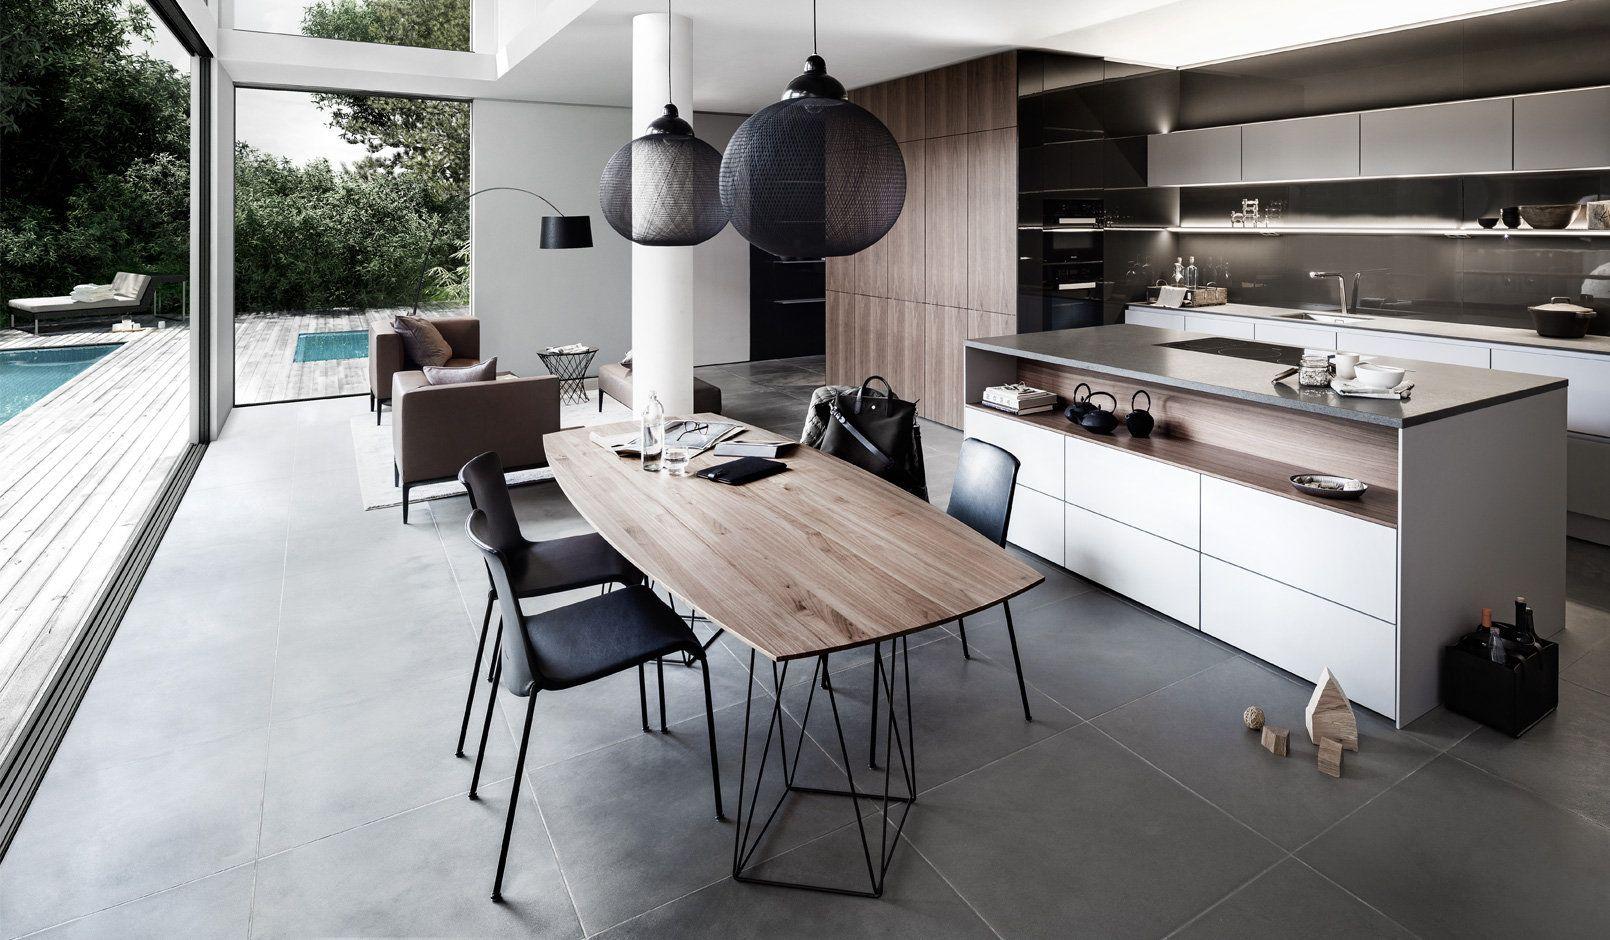 SieMatic Showroom, Löhne, Germany   Kitchen design, German kitchen ...